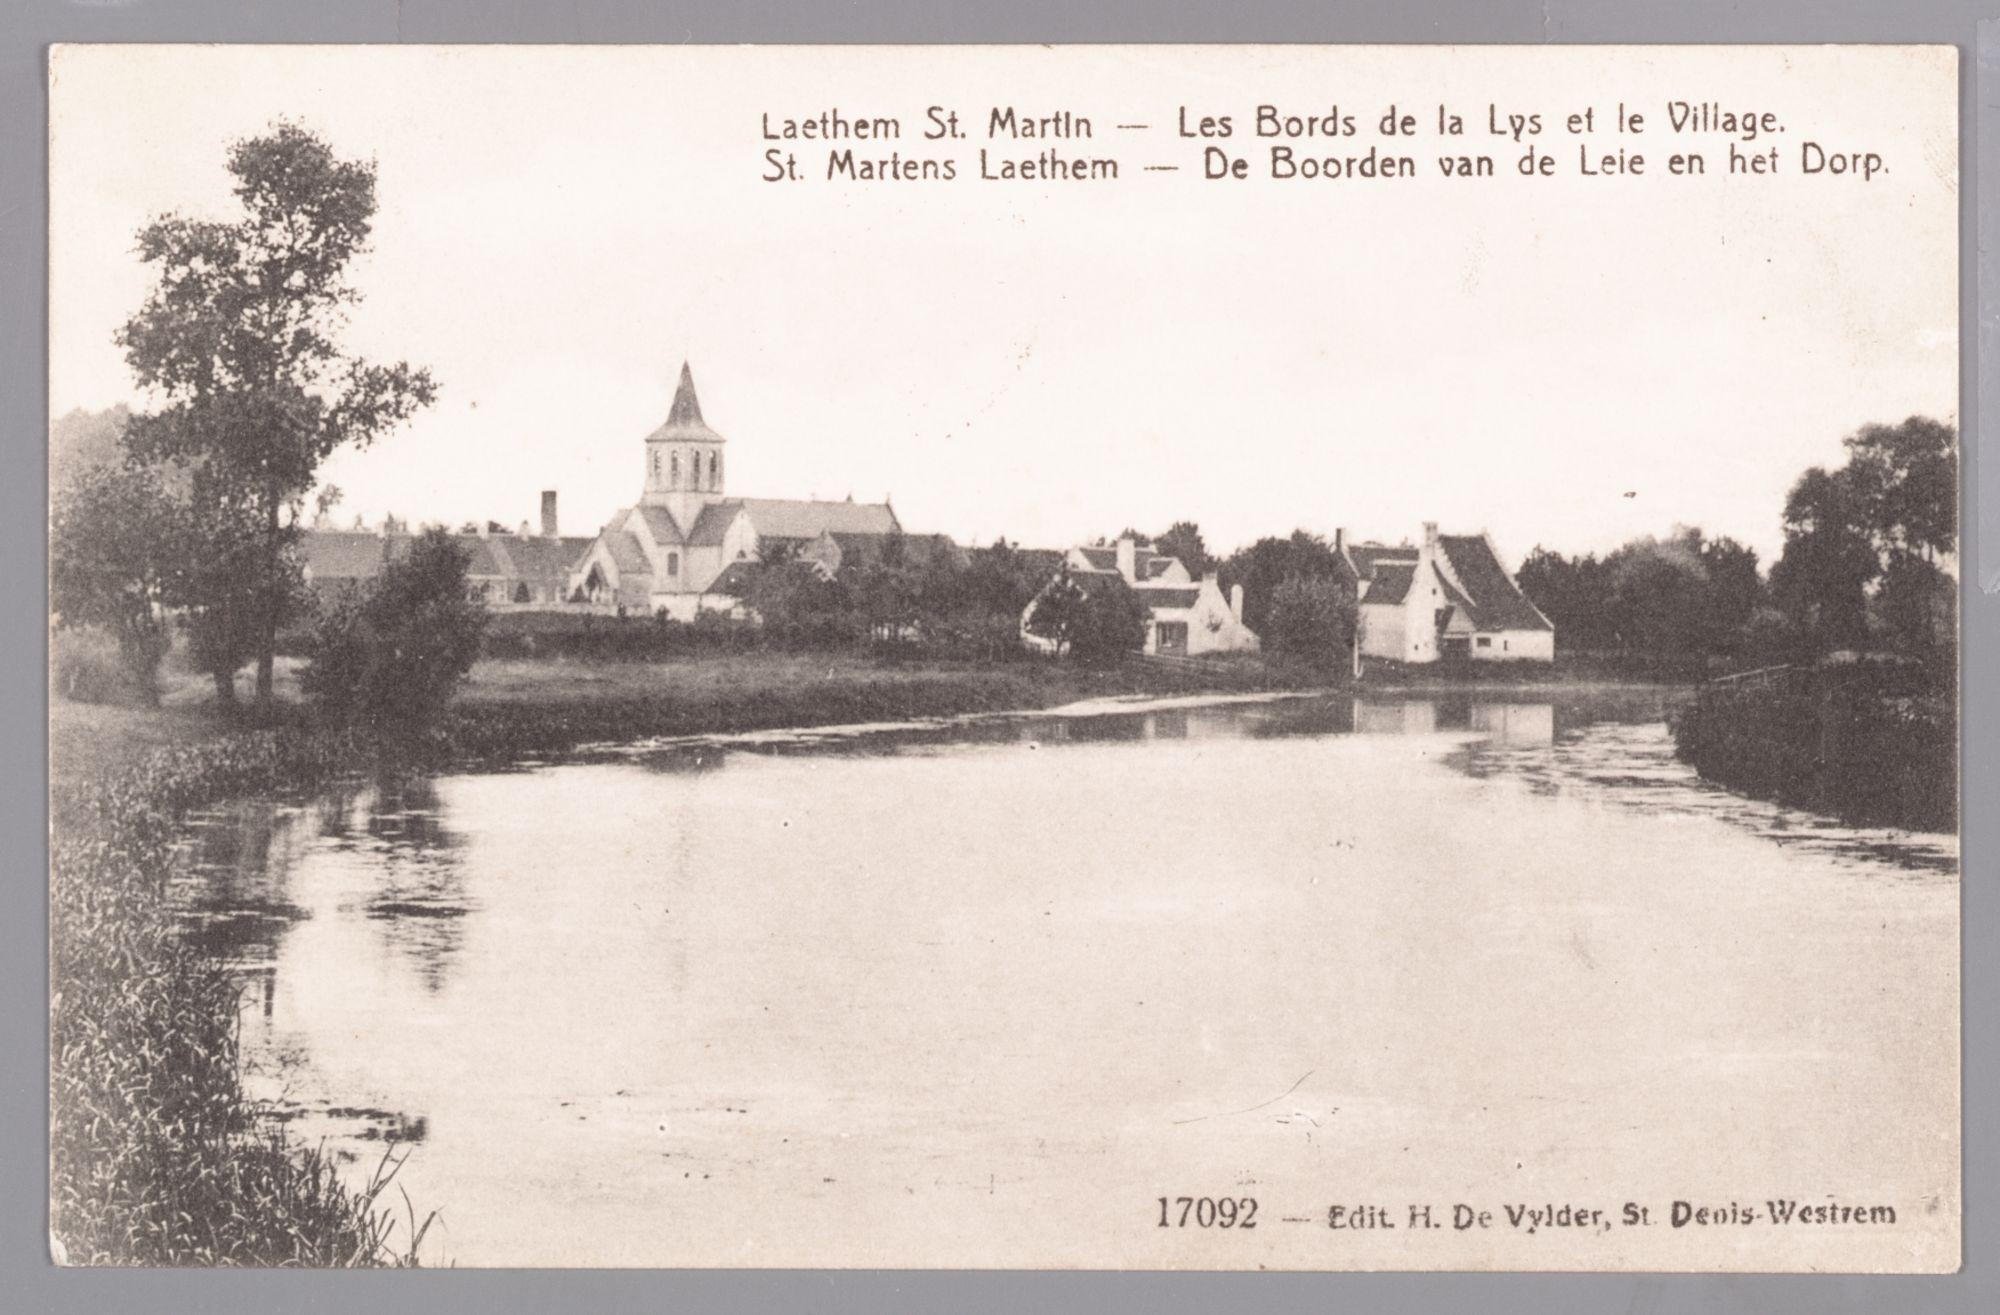 Sint-Martens-Latem: zicht op de Leie en het dorp